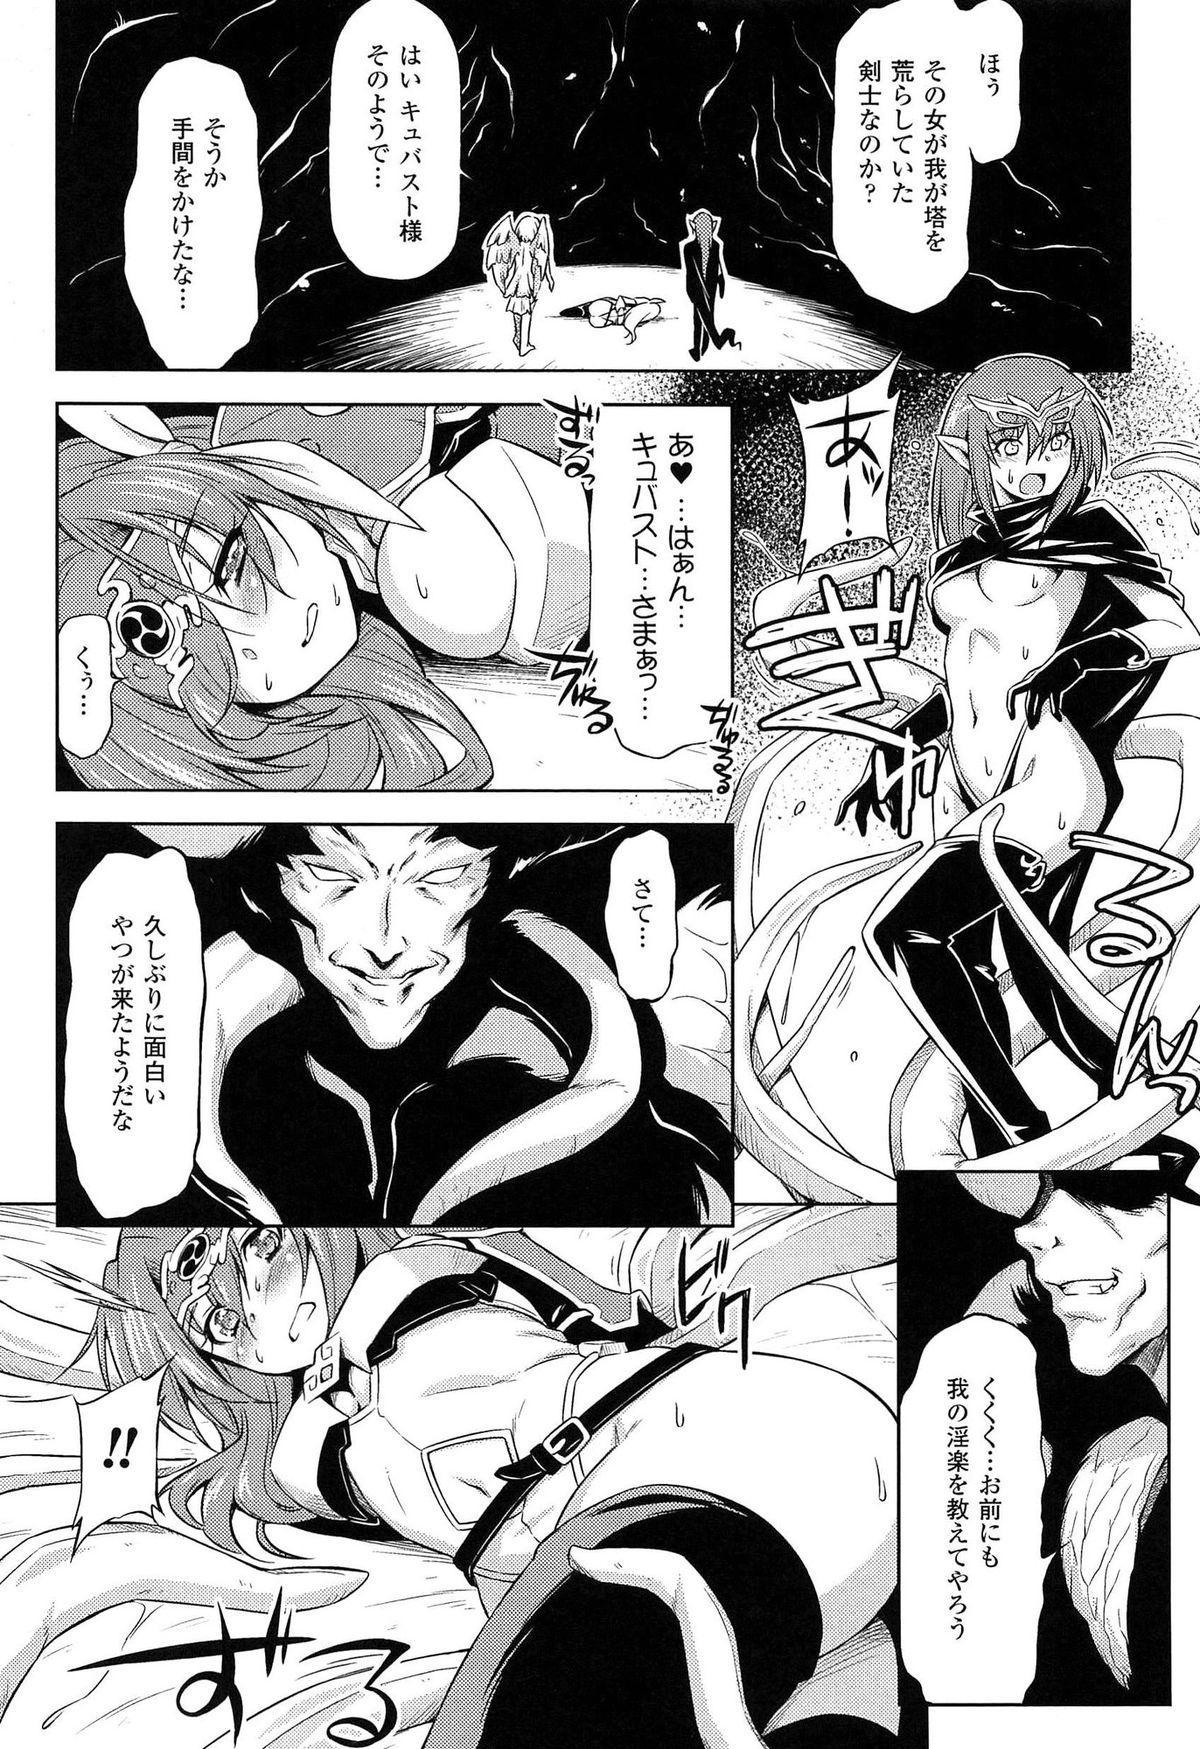 [kazuma muramasa, ZyX] Ikazuchi no Senshi Raidy ~Haja no Raikou~ THE COMIC 187